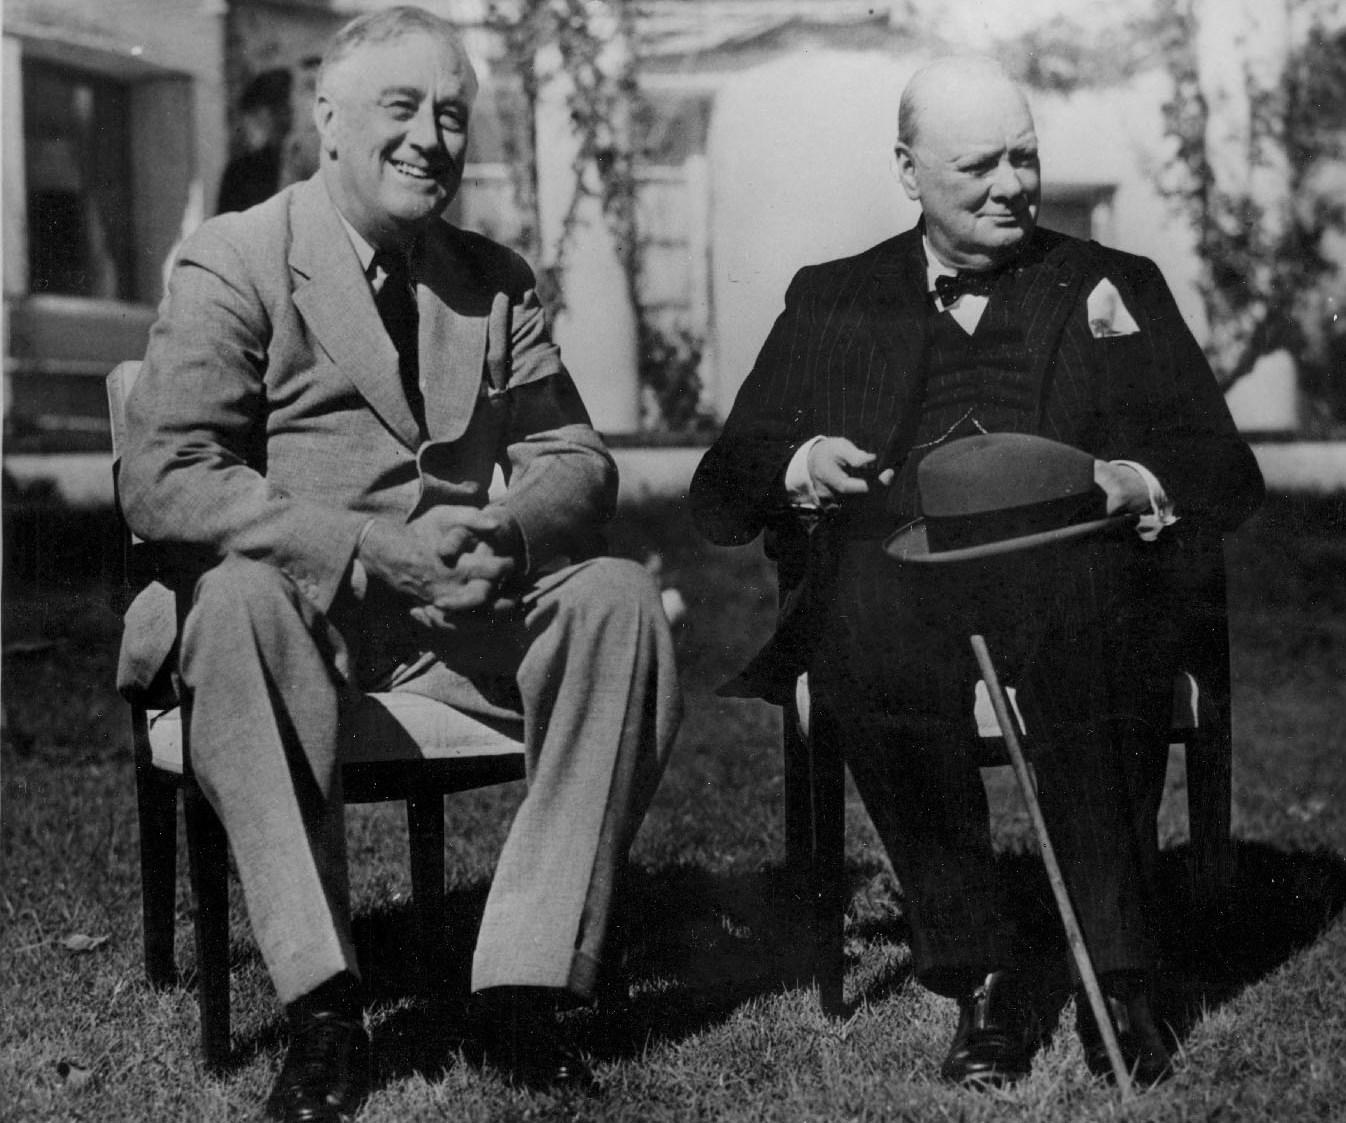 Winston Churchill, Franklin D. Roosevelt